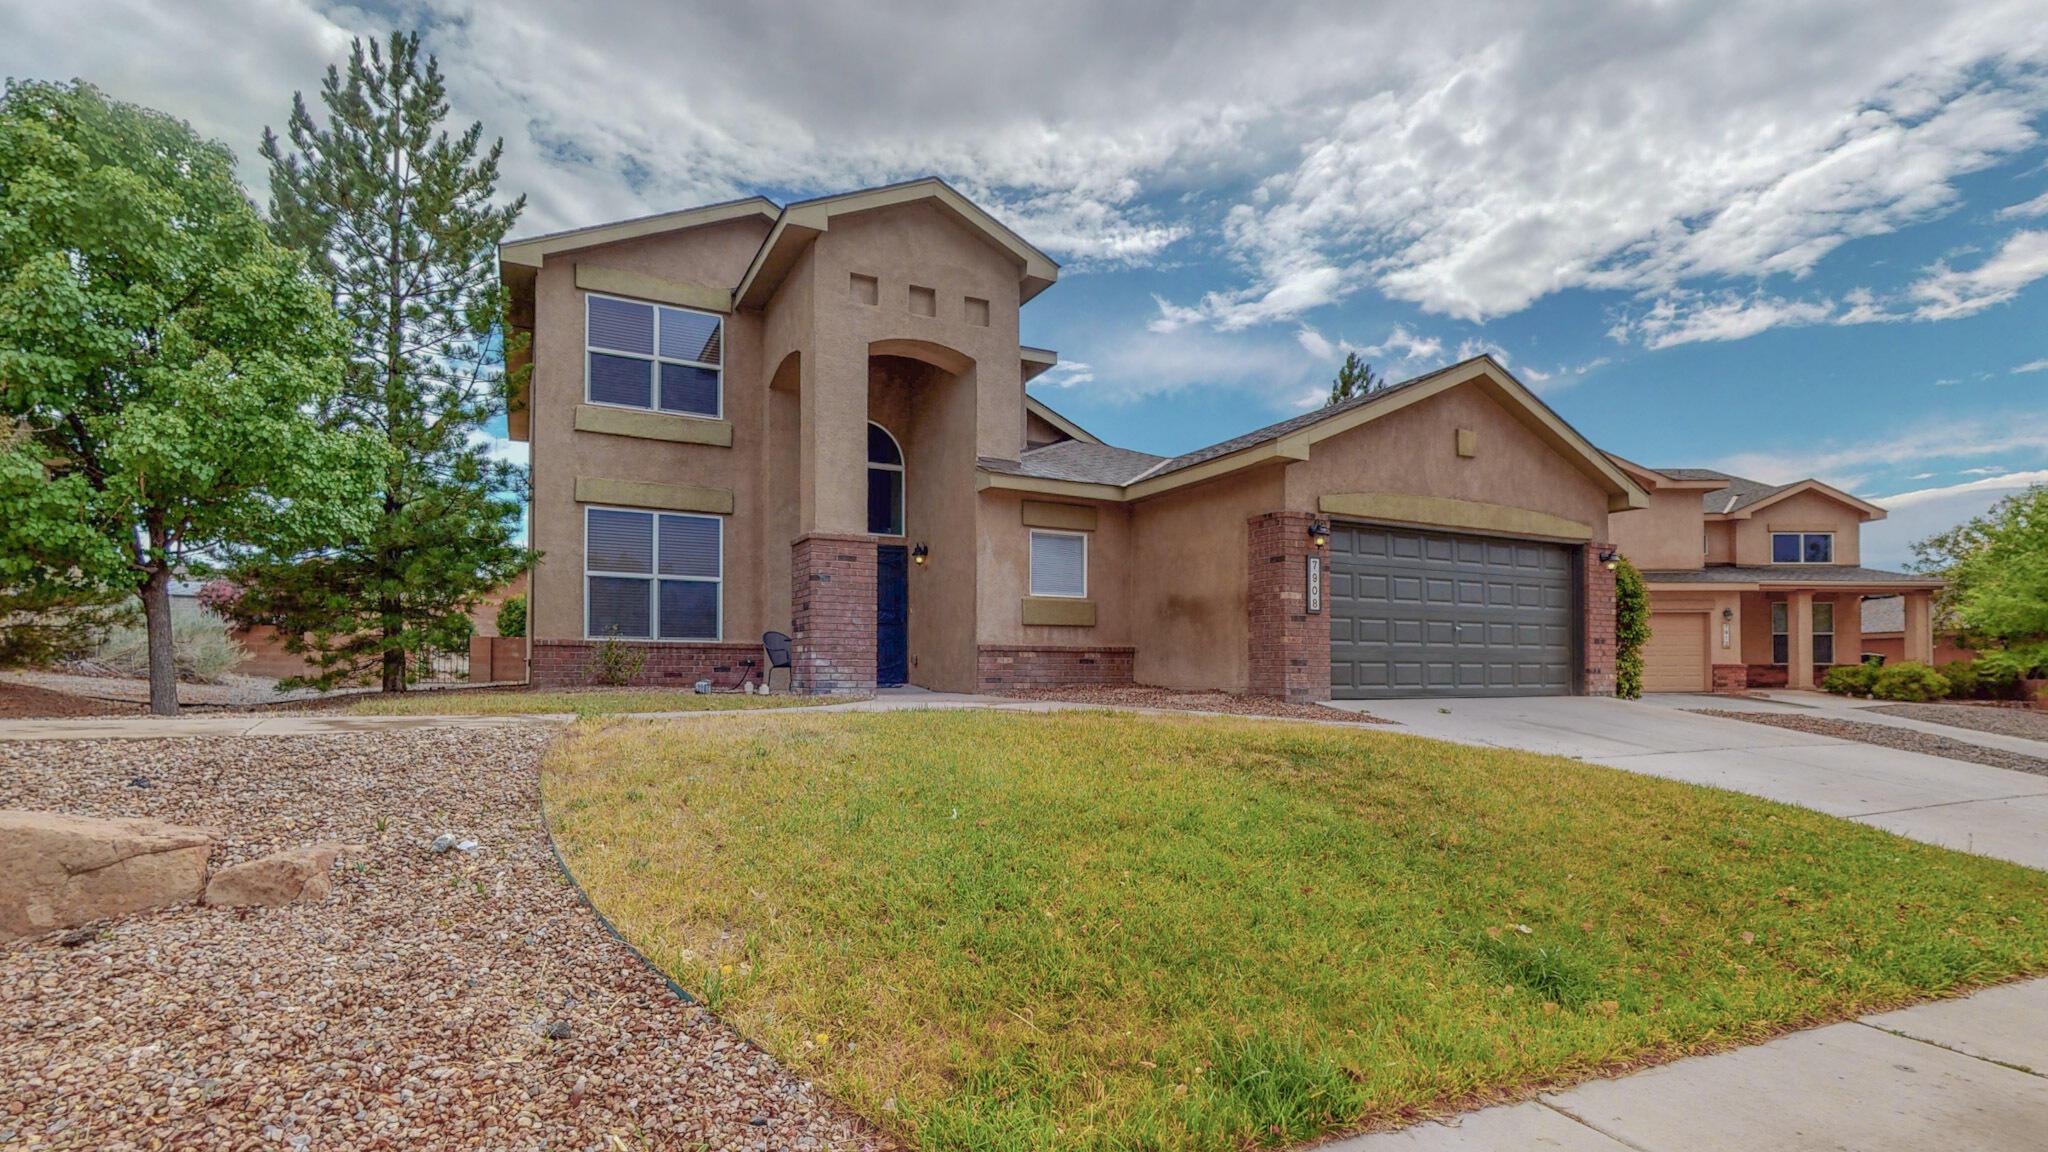 7908 UNIONVILLE Court, Albuquerque NM 87114